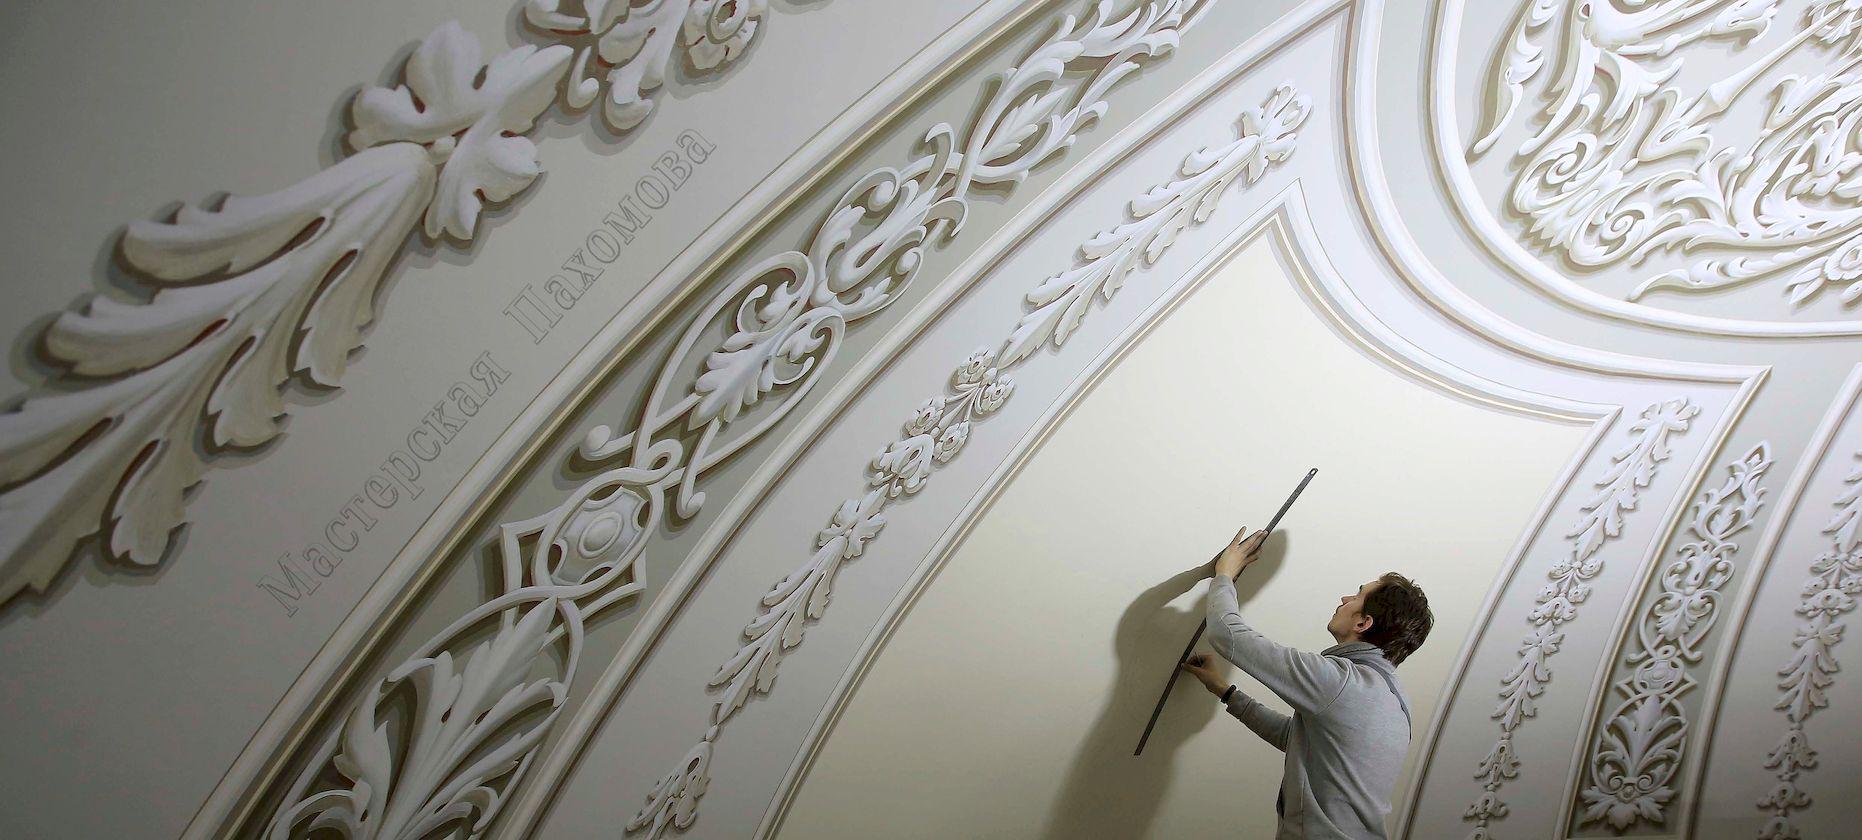 Альфрейная живопись центрального купола в Казанском соборе